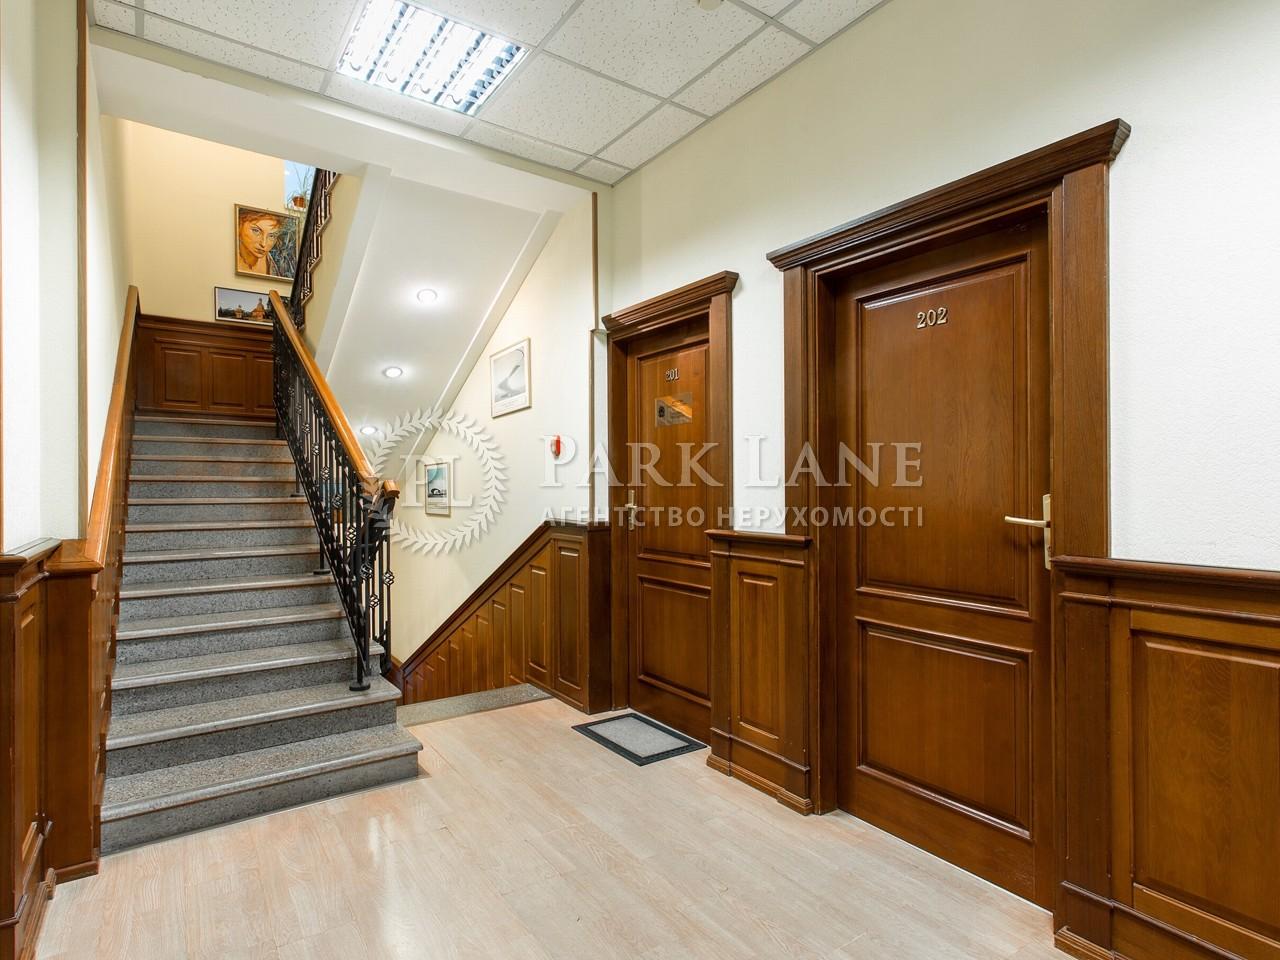 Нежилое помещение, ул. Боричев Ток, Киев, R-14911 - Фото 6